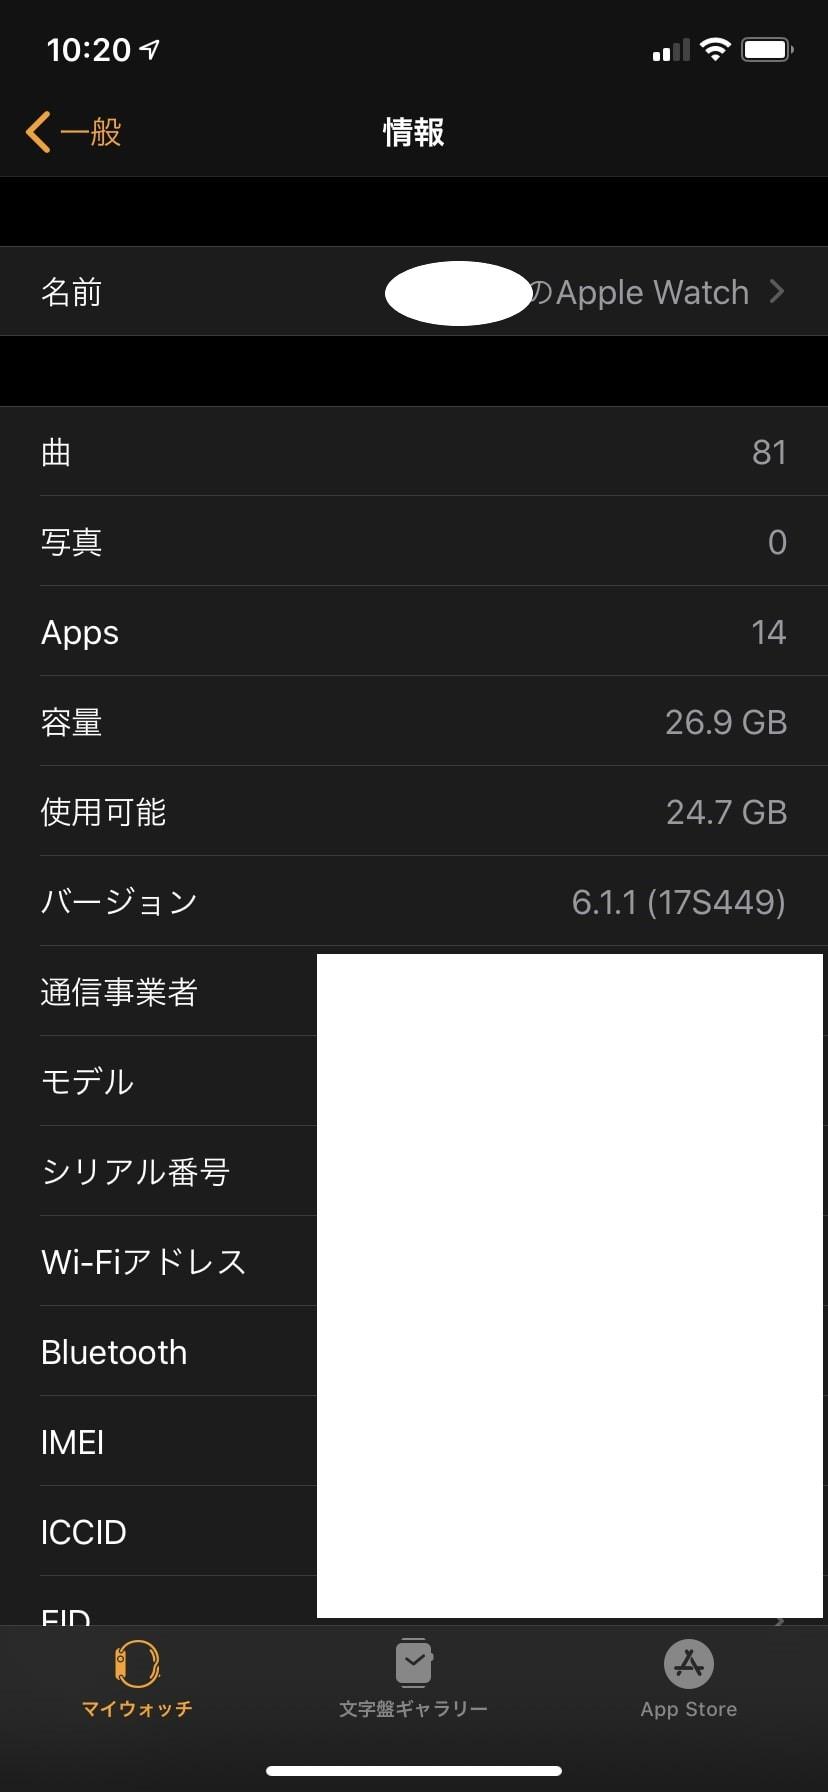 Apple WatchでApple Musicの音楽を聴く!使い方やメリット、デメリットとは?